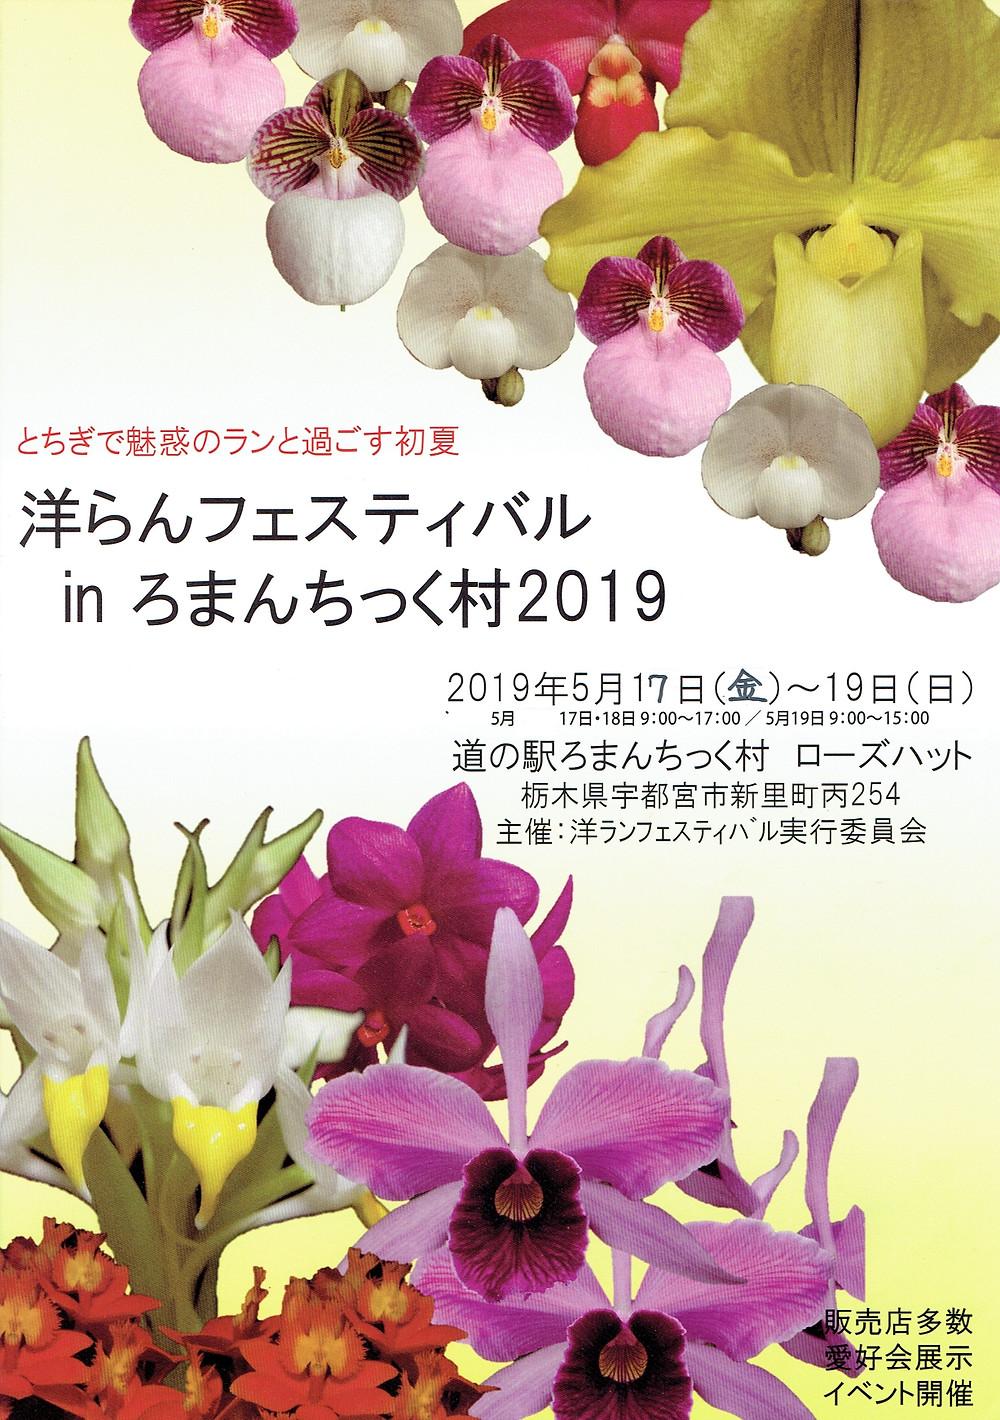 洋らんフェスティバル in ろまんちっく村2019